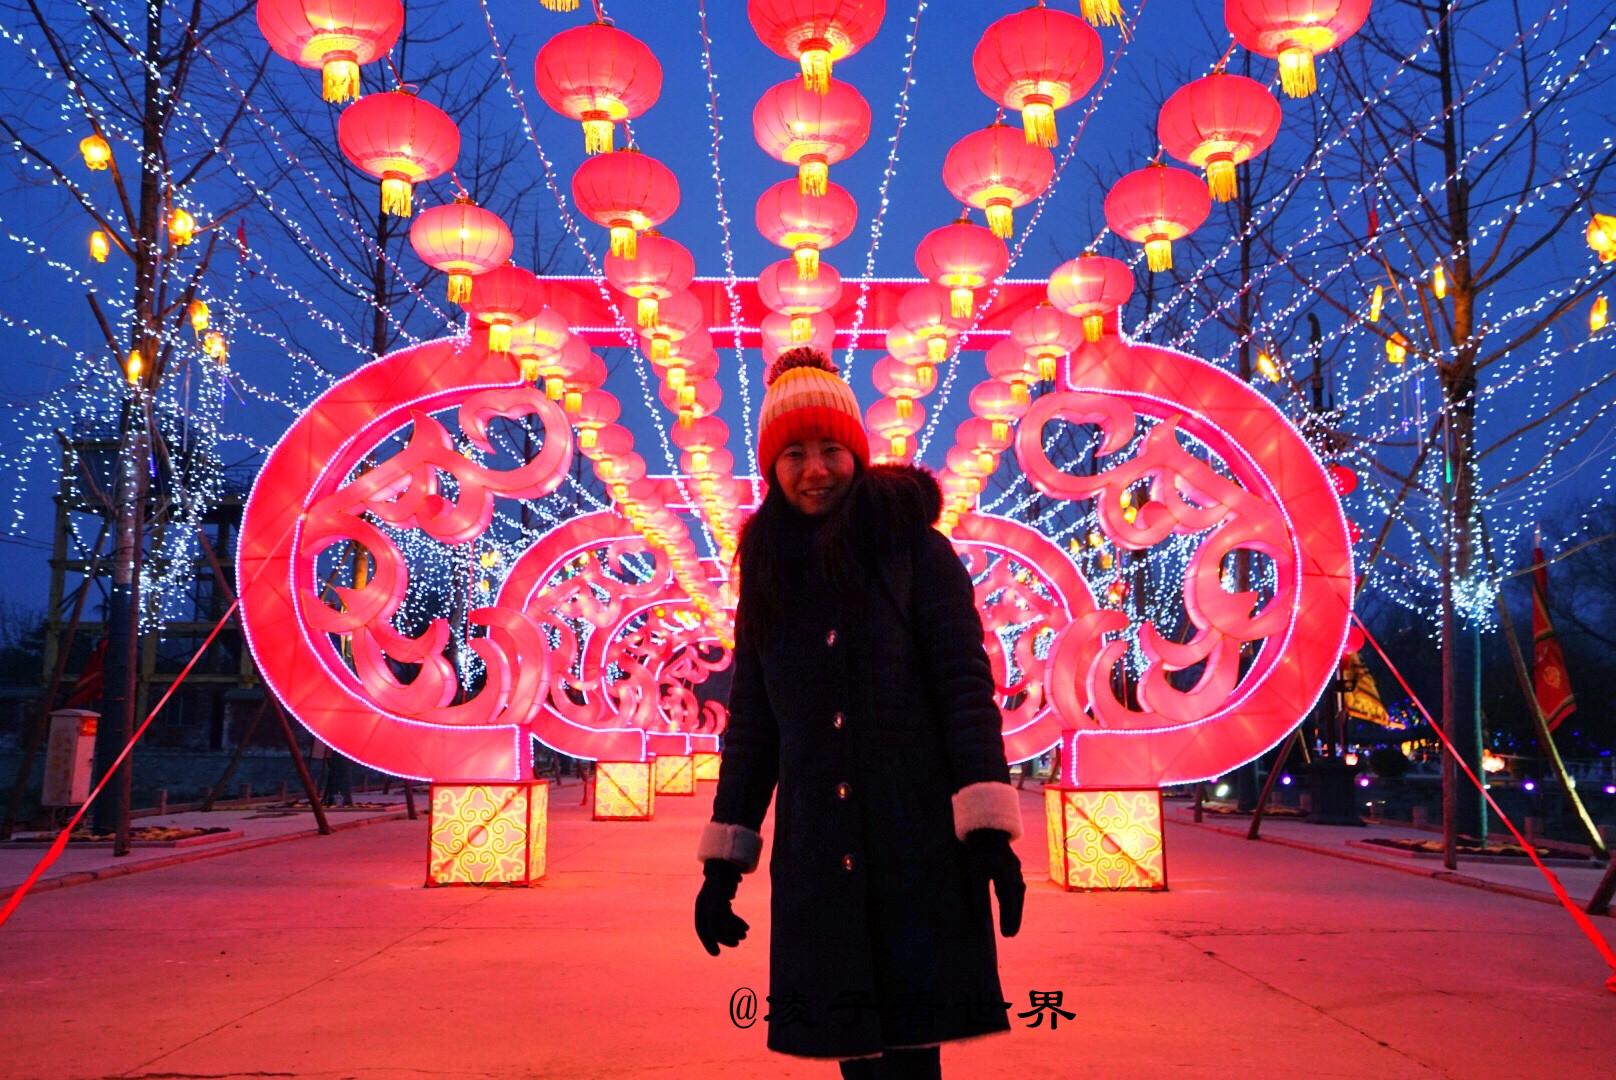 春节期间逛庙会,闹花灯,看民俗表演杨家将府邸最吸引人